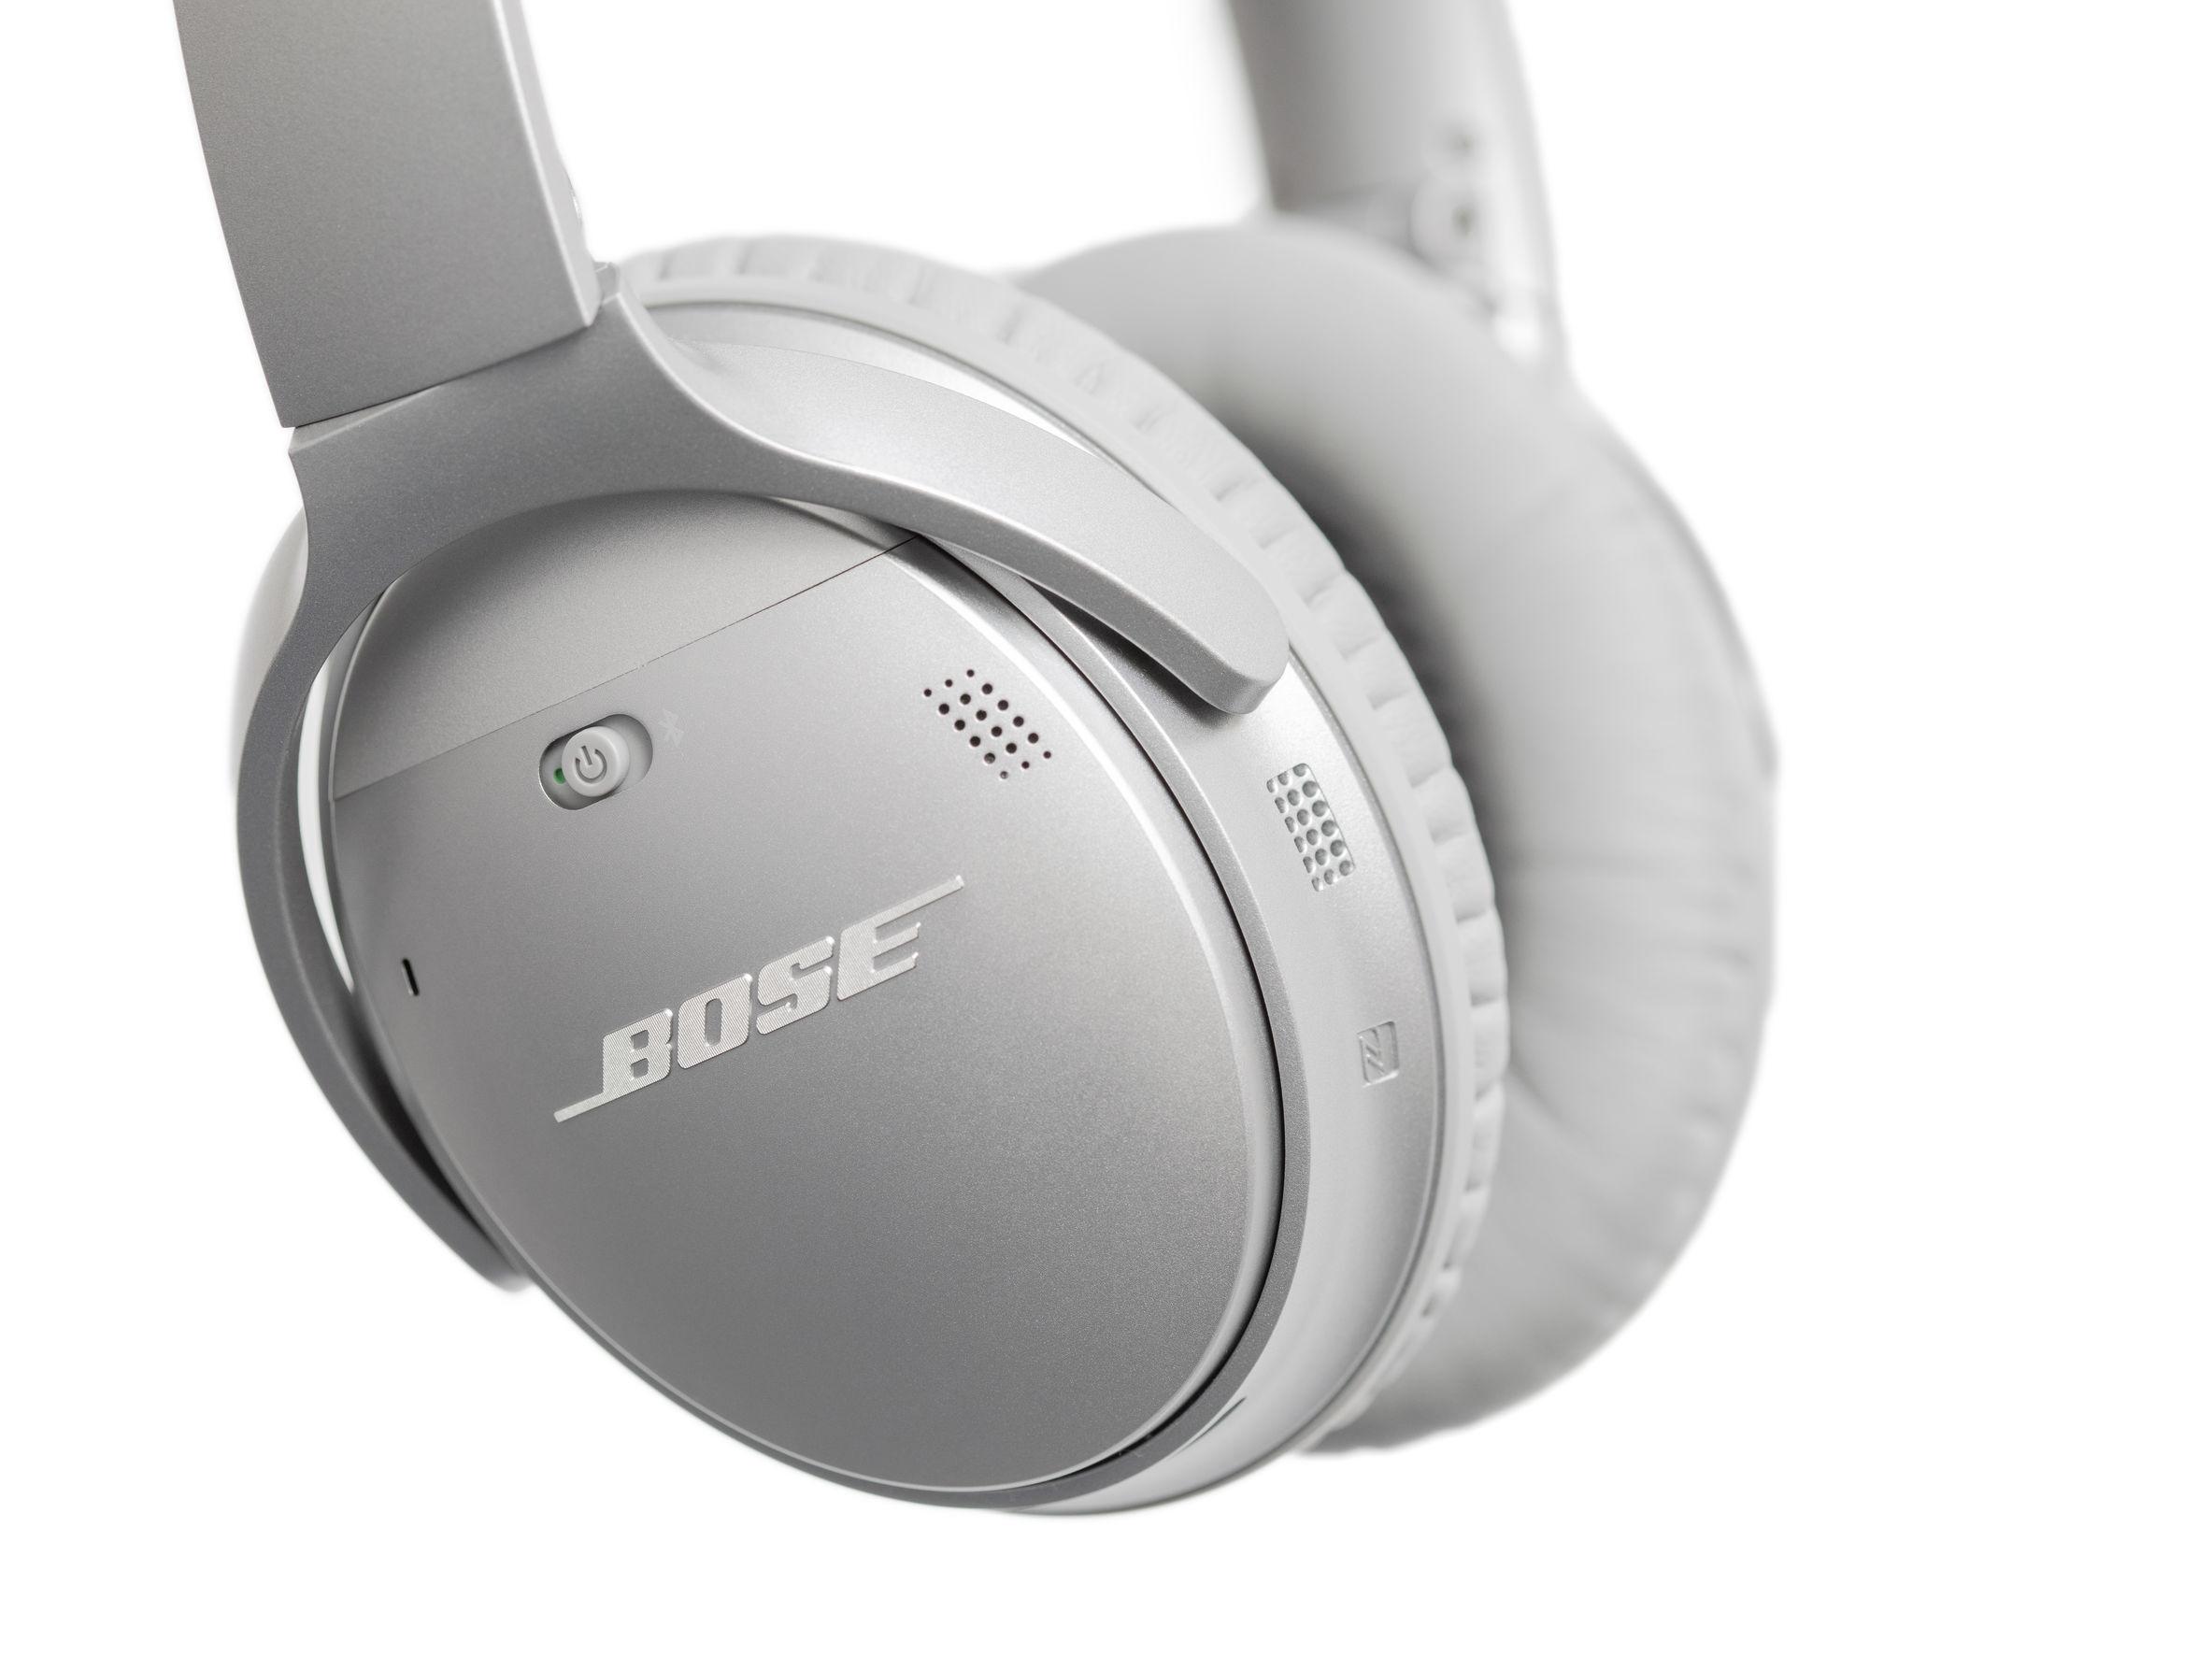 Bose koptelefoon: Wat zijn de beste Bose koptelefoons van 2020?